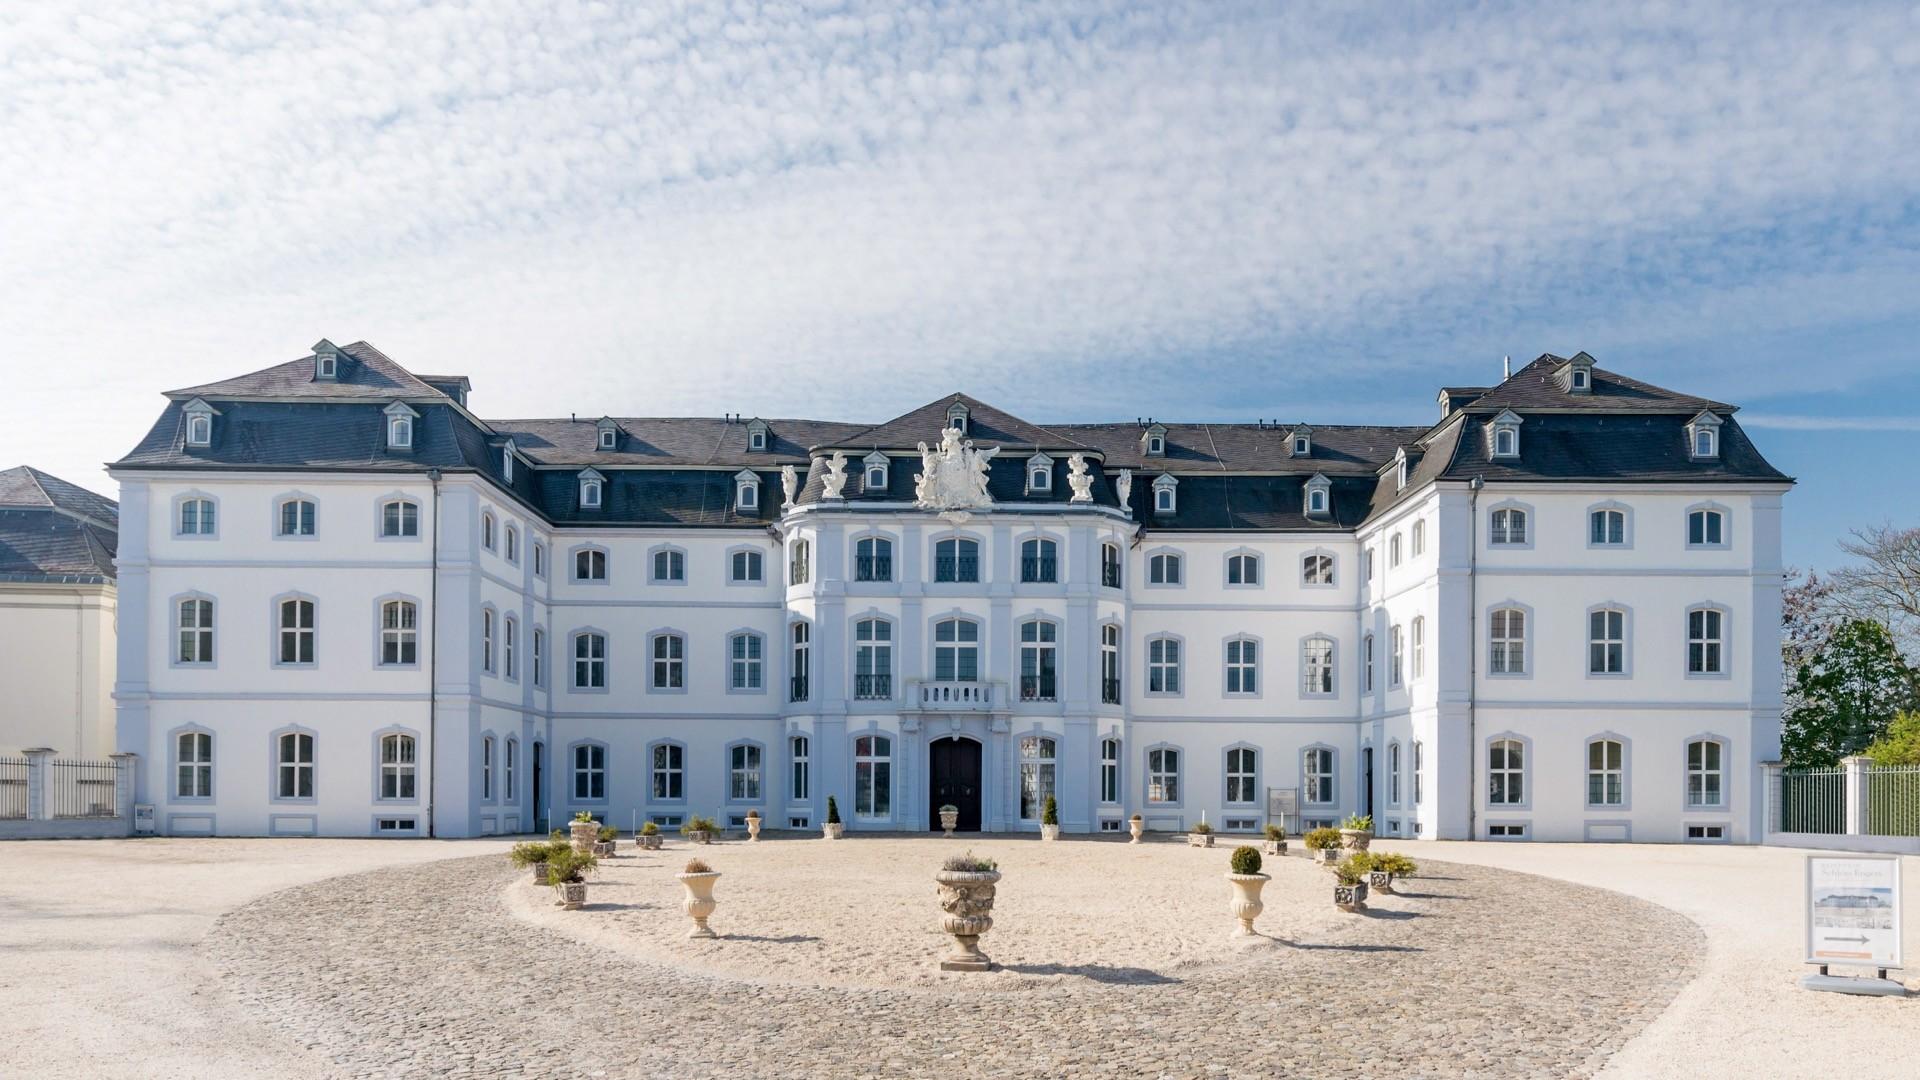 braut.de Sommer-Gewinnspiel 2019: Schloss Engers